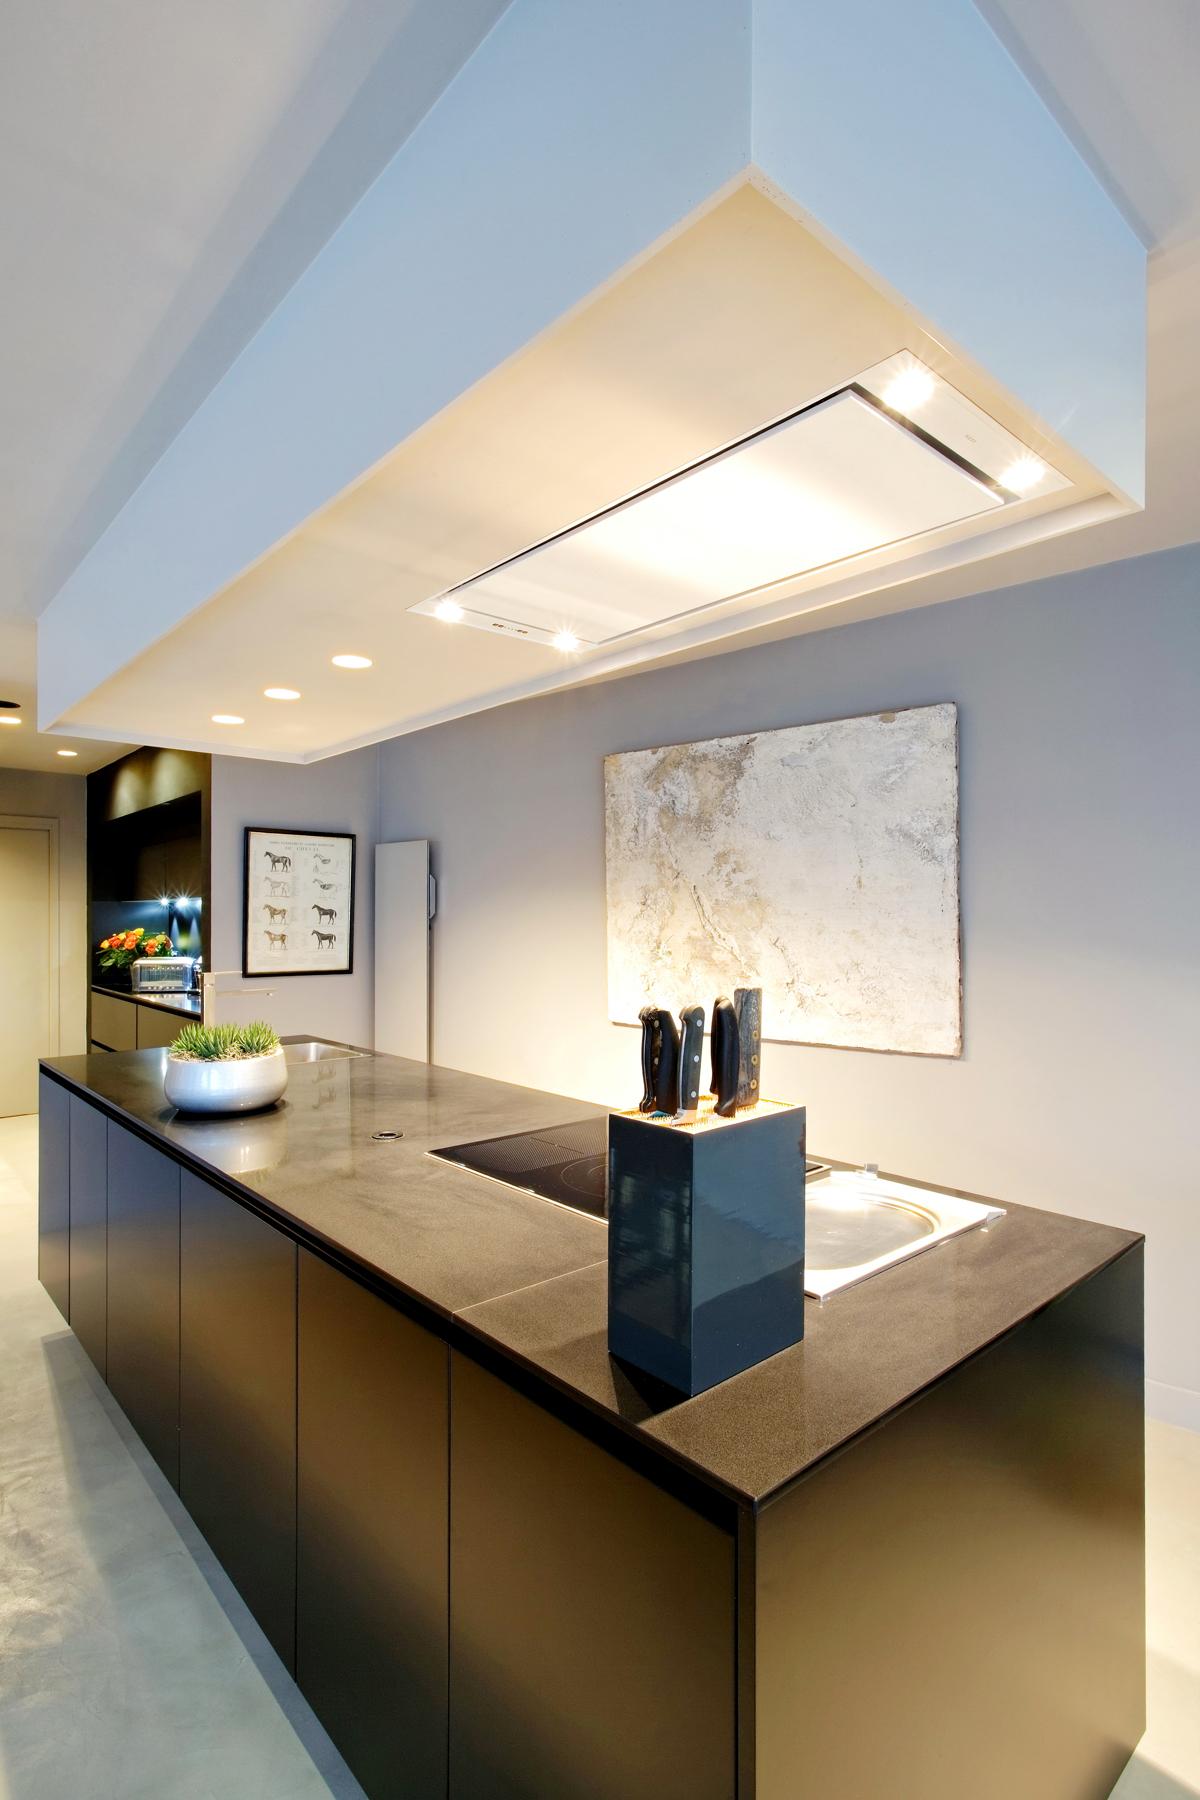 r alisation oikos cuisines 1 le buzz de rouen. Black Bedroom Furniture Sets. Home Design Ideas